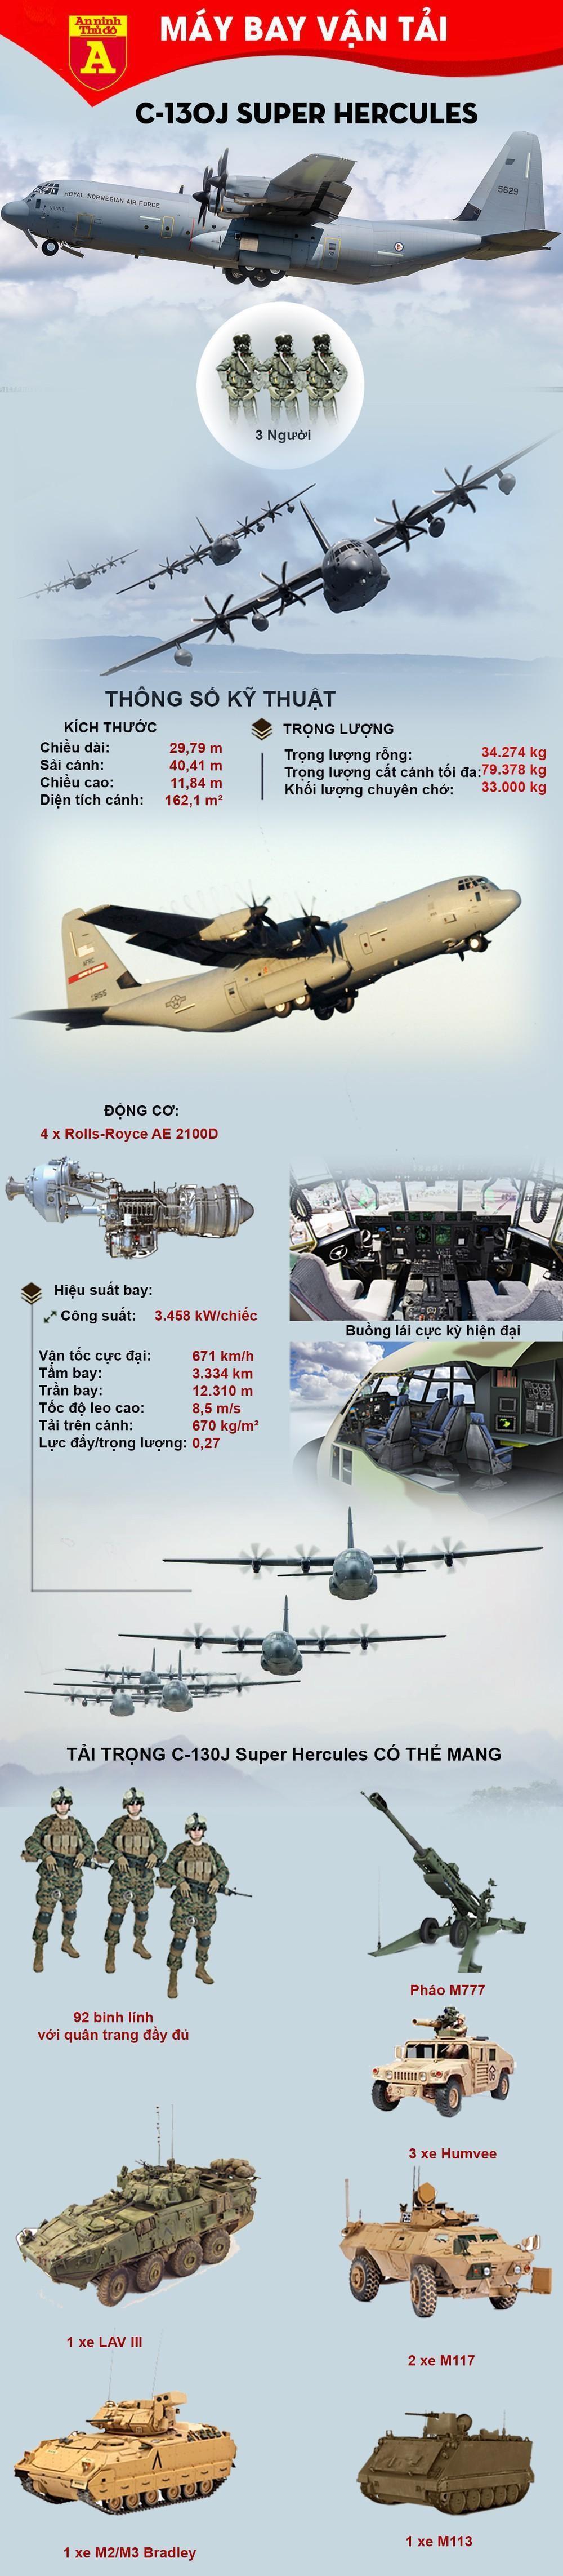 [Info] Mỹ cho vận tải cơ C-130J tập cất, hạ cánh ngay trên đường cao tốc ảnh 2